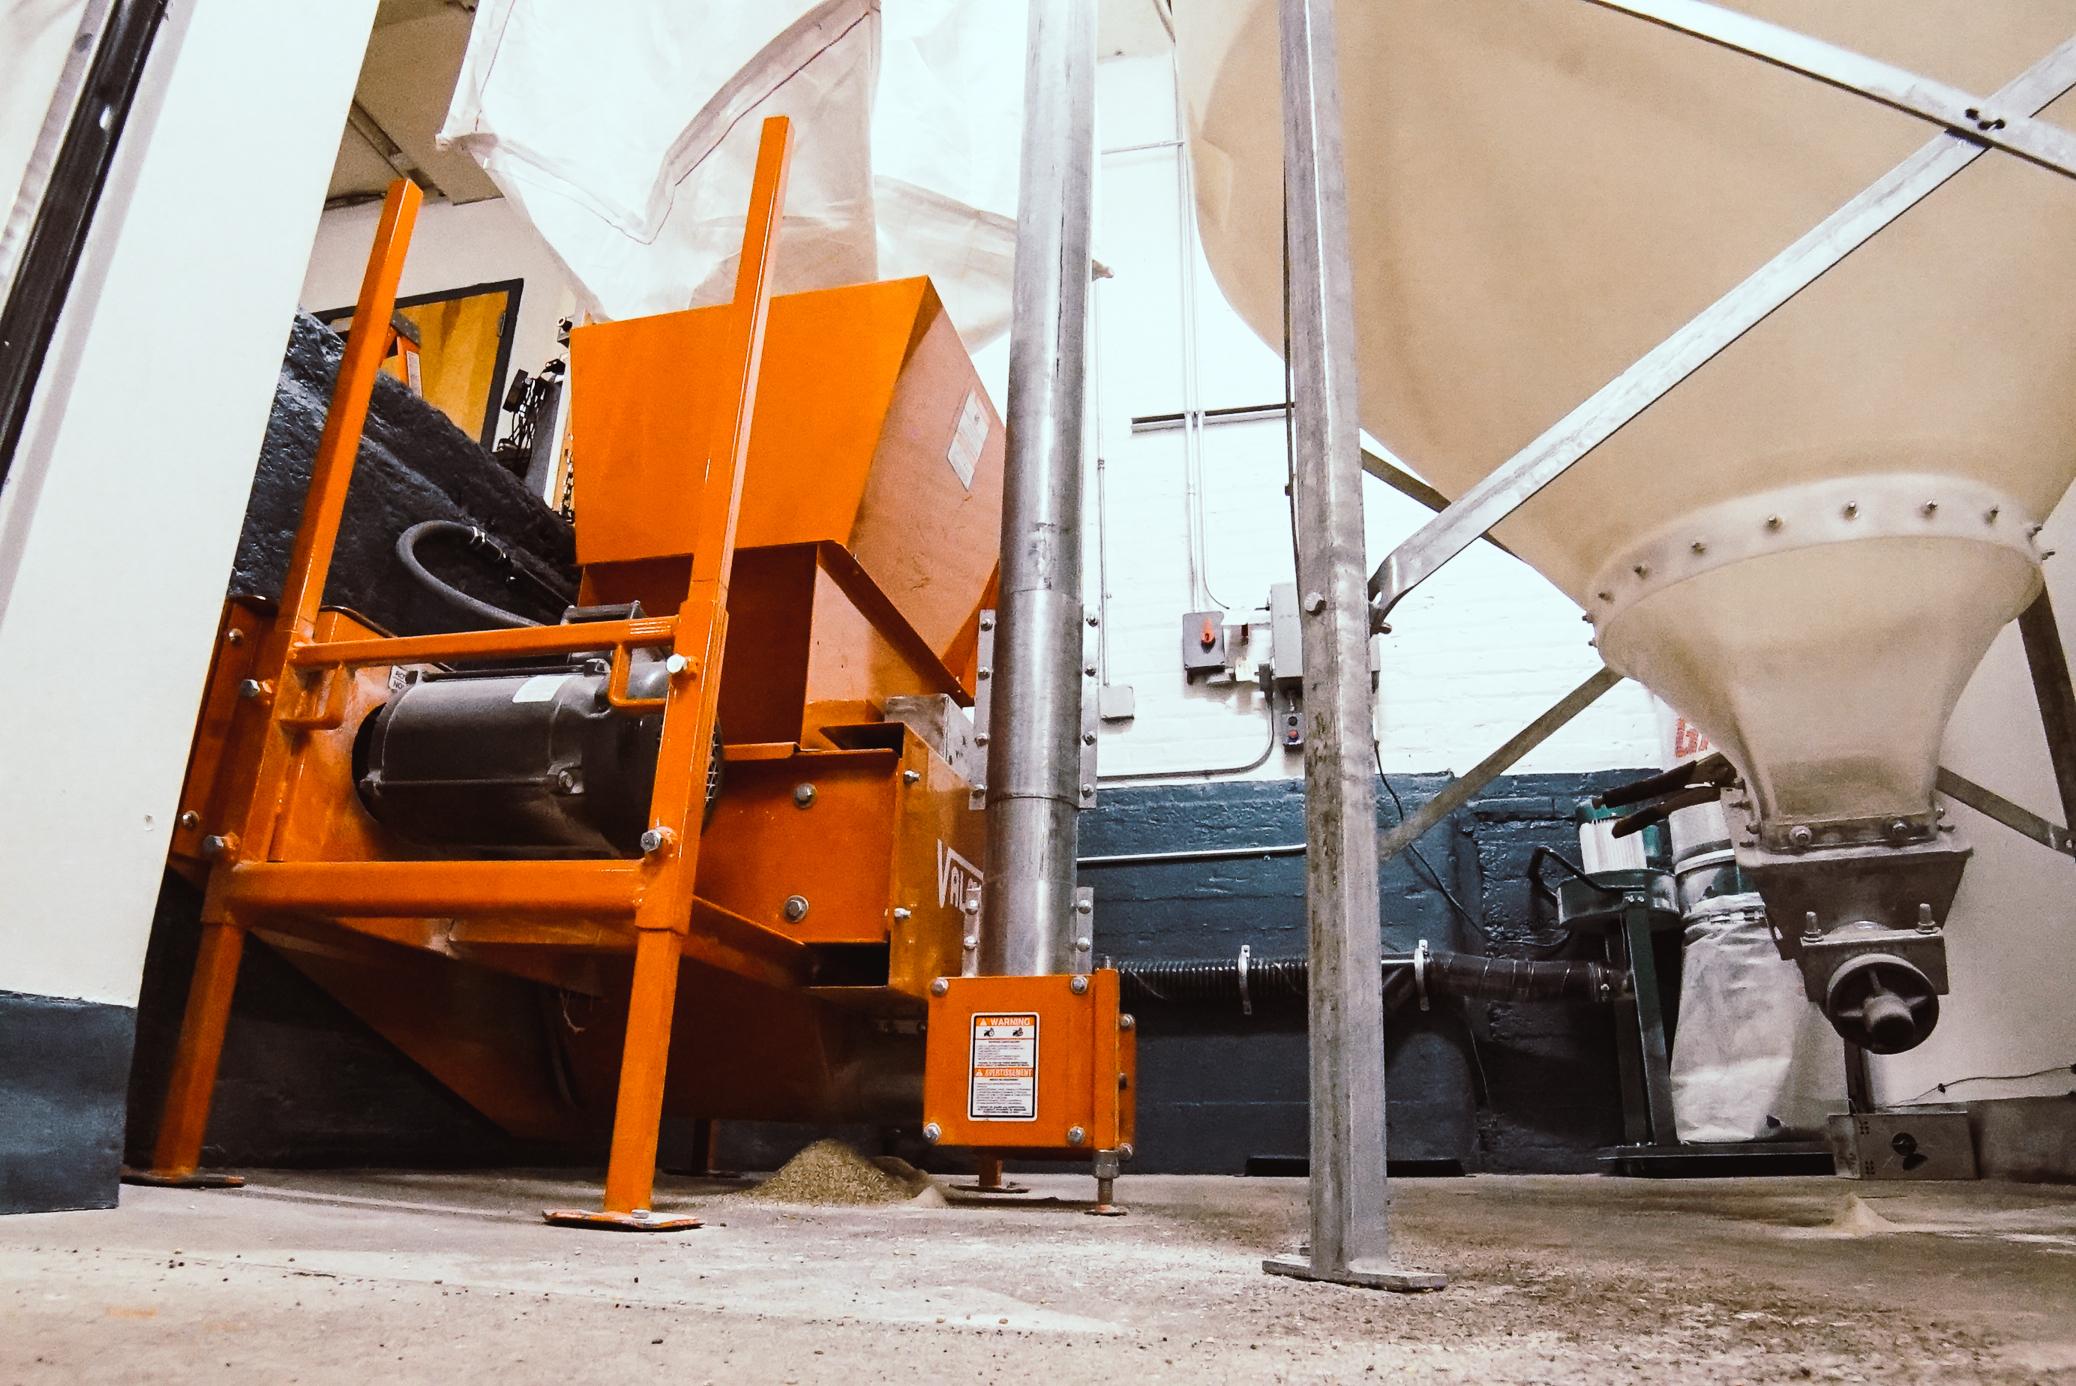 0191_vikre_distillery_scenes_NIELSON_04202018.jpg